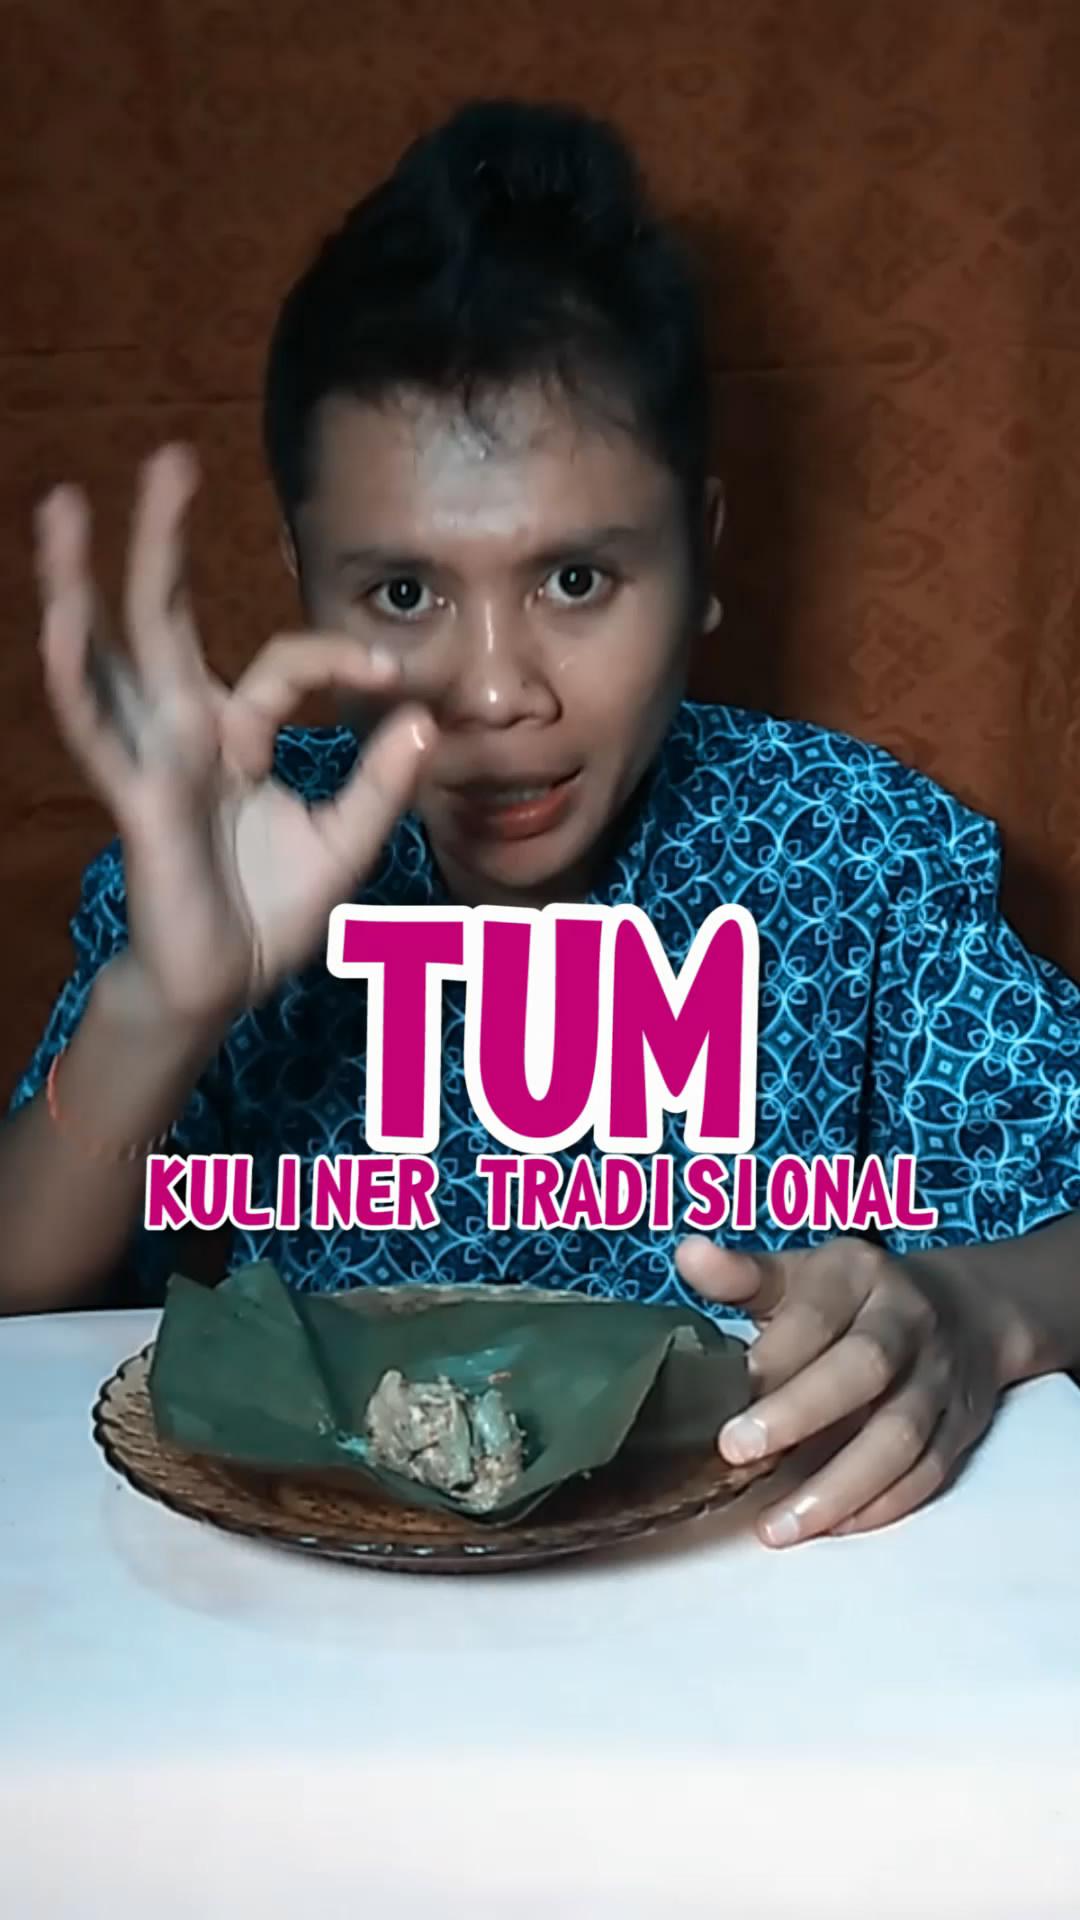 Putrayasa - TUM (Makanan Tradisional Yang Ada DI Lombok dan Bali)